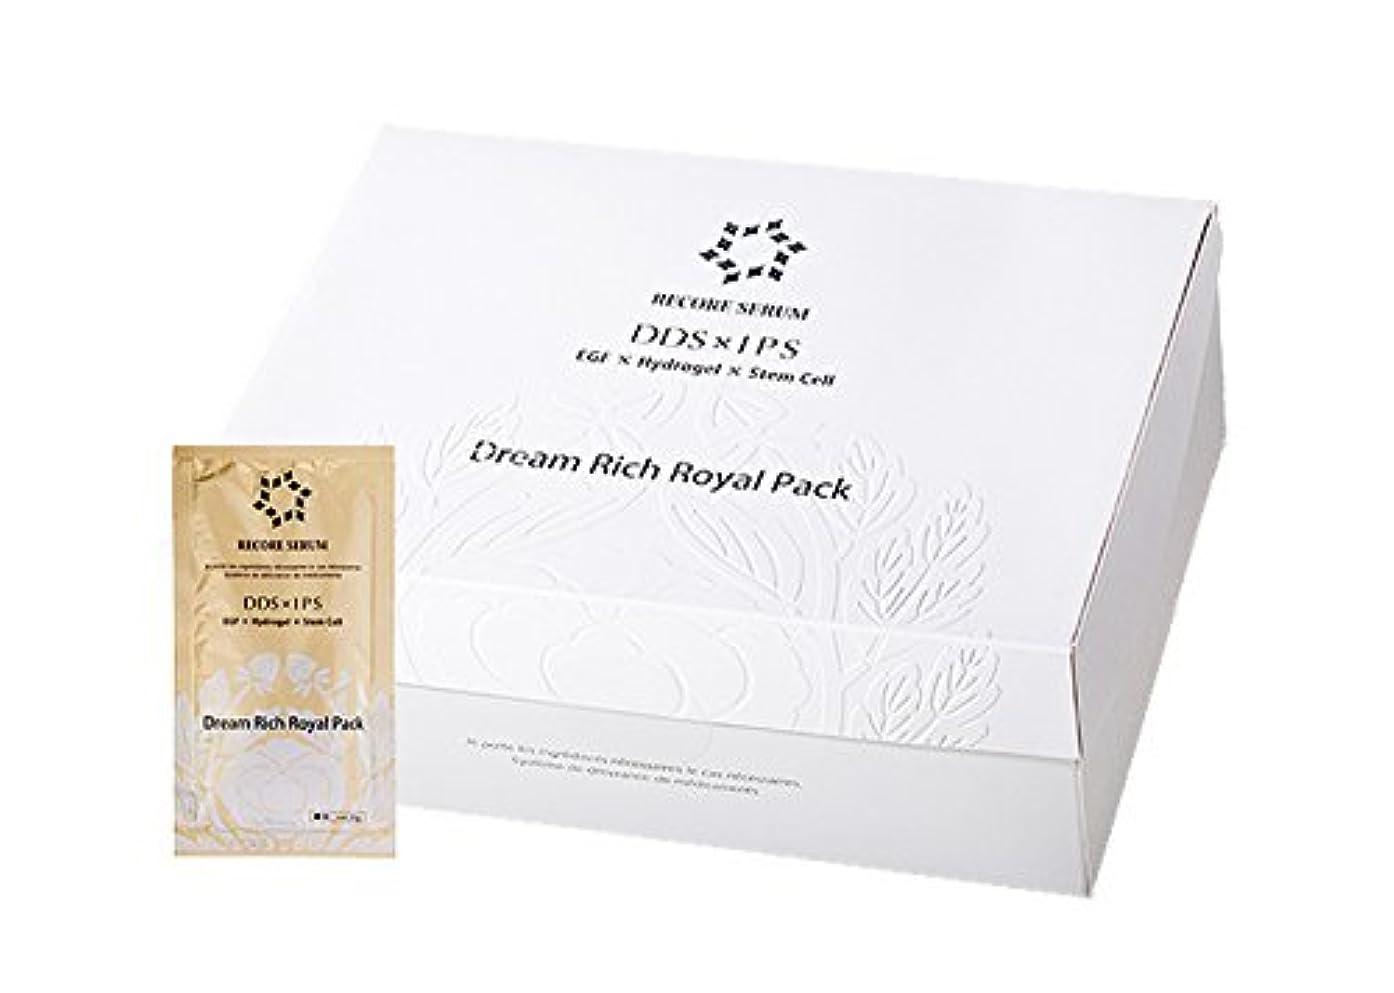 むき出し取り付け限られたリコアセラム ドリーム リッチロイヤル パック 15セット入り 日本製 RECORE SERUM 炭酸パック 正品